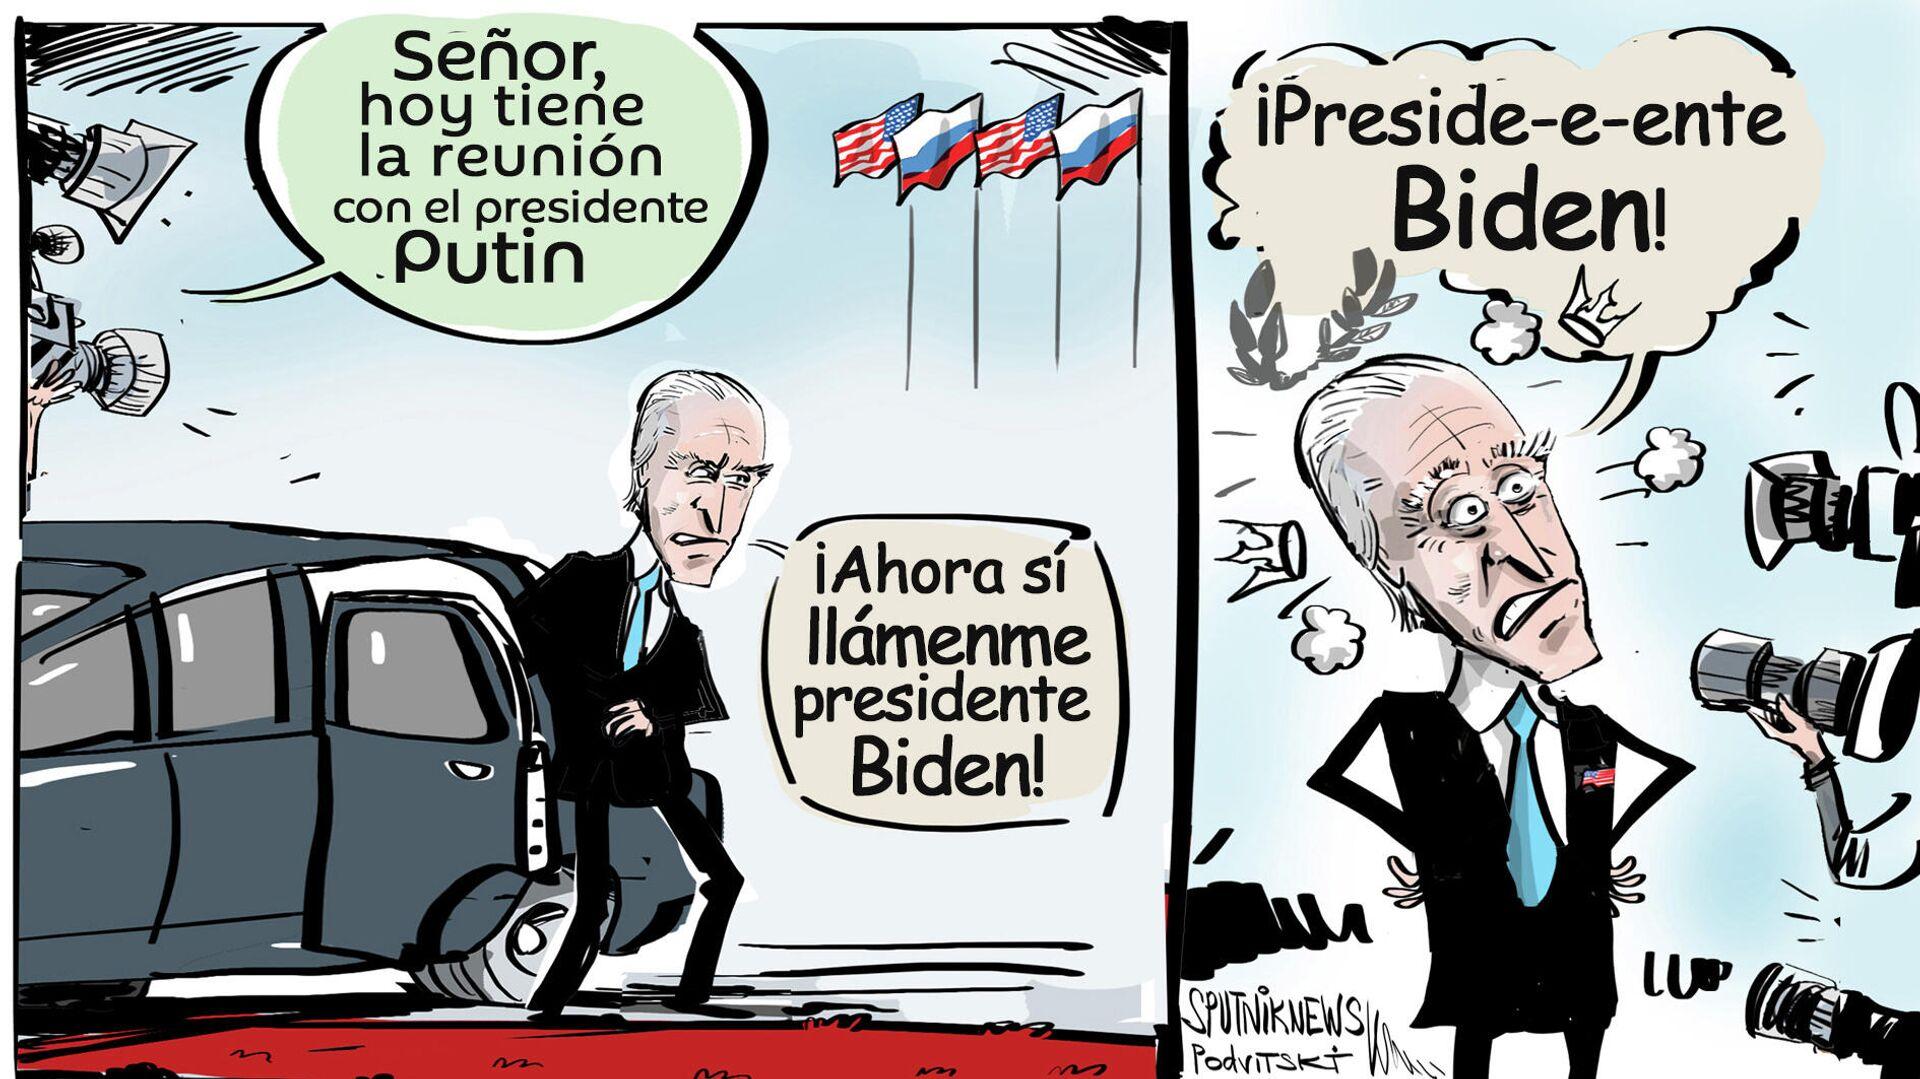 Biden solo se dio cuenta de que era presidente al reunirse con Putin - Sputnik Mundo, 1920, 22.07.2021